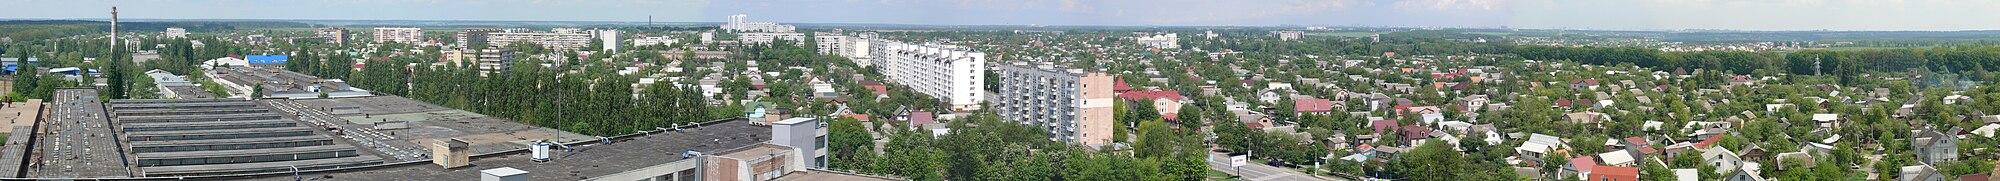 """Панорама северной части Боярки. Вид с крыши админкорпуса бывшего завода """"Искра"""""""